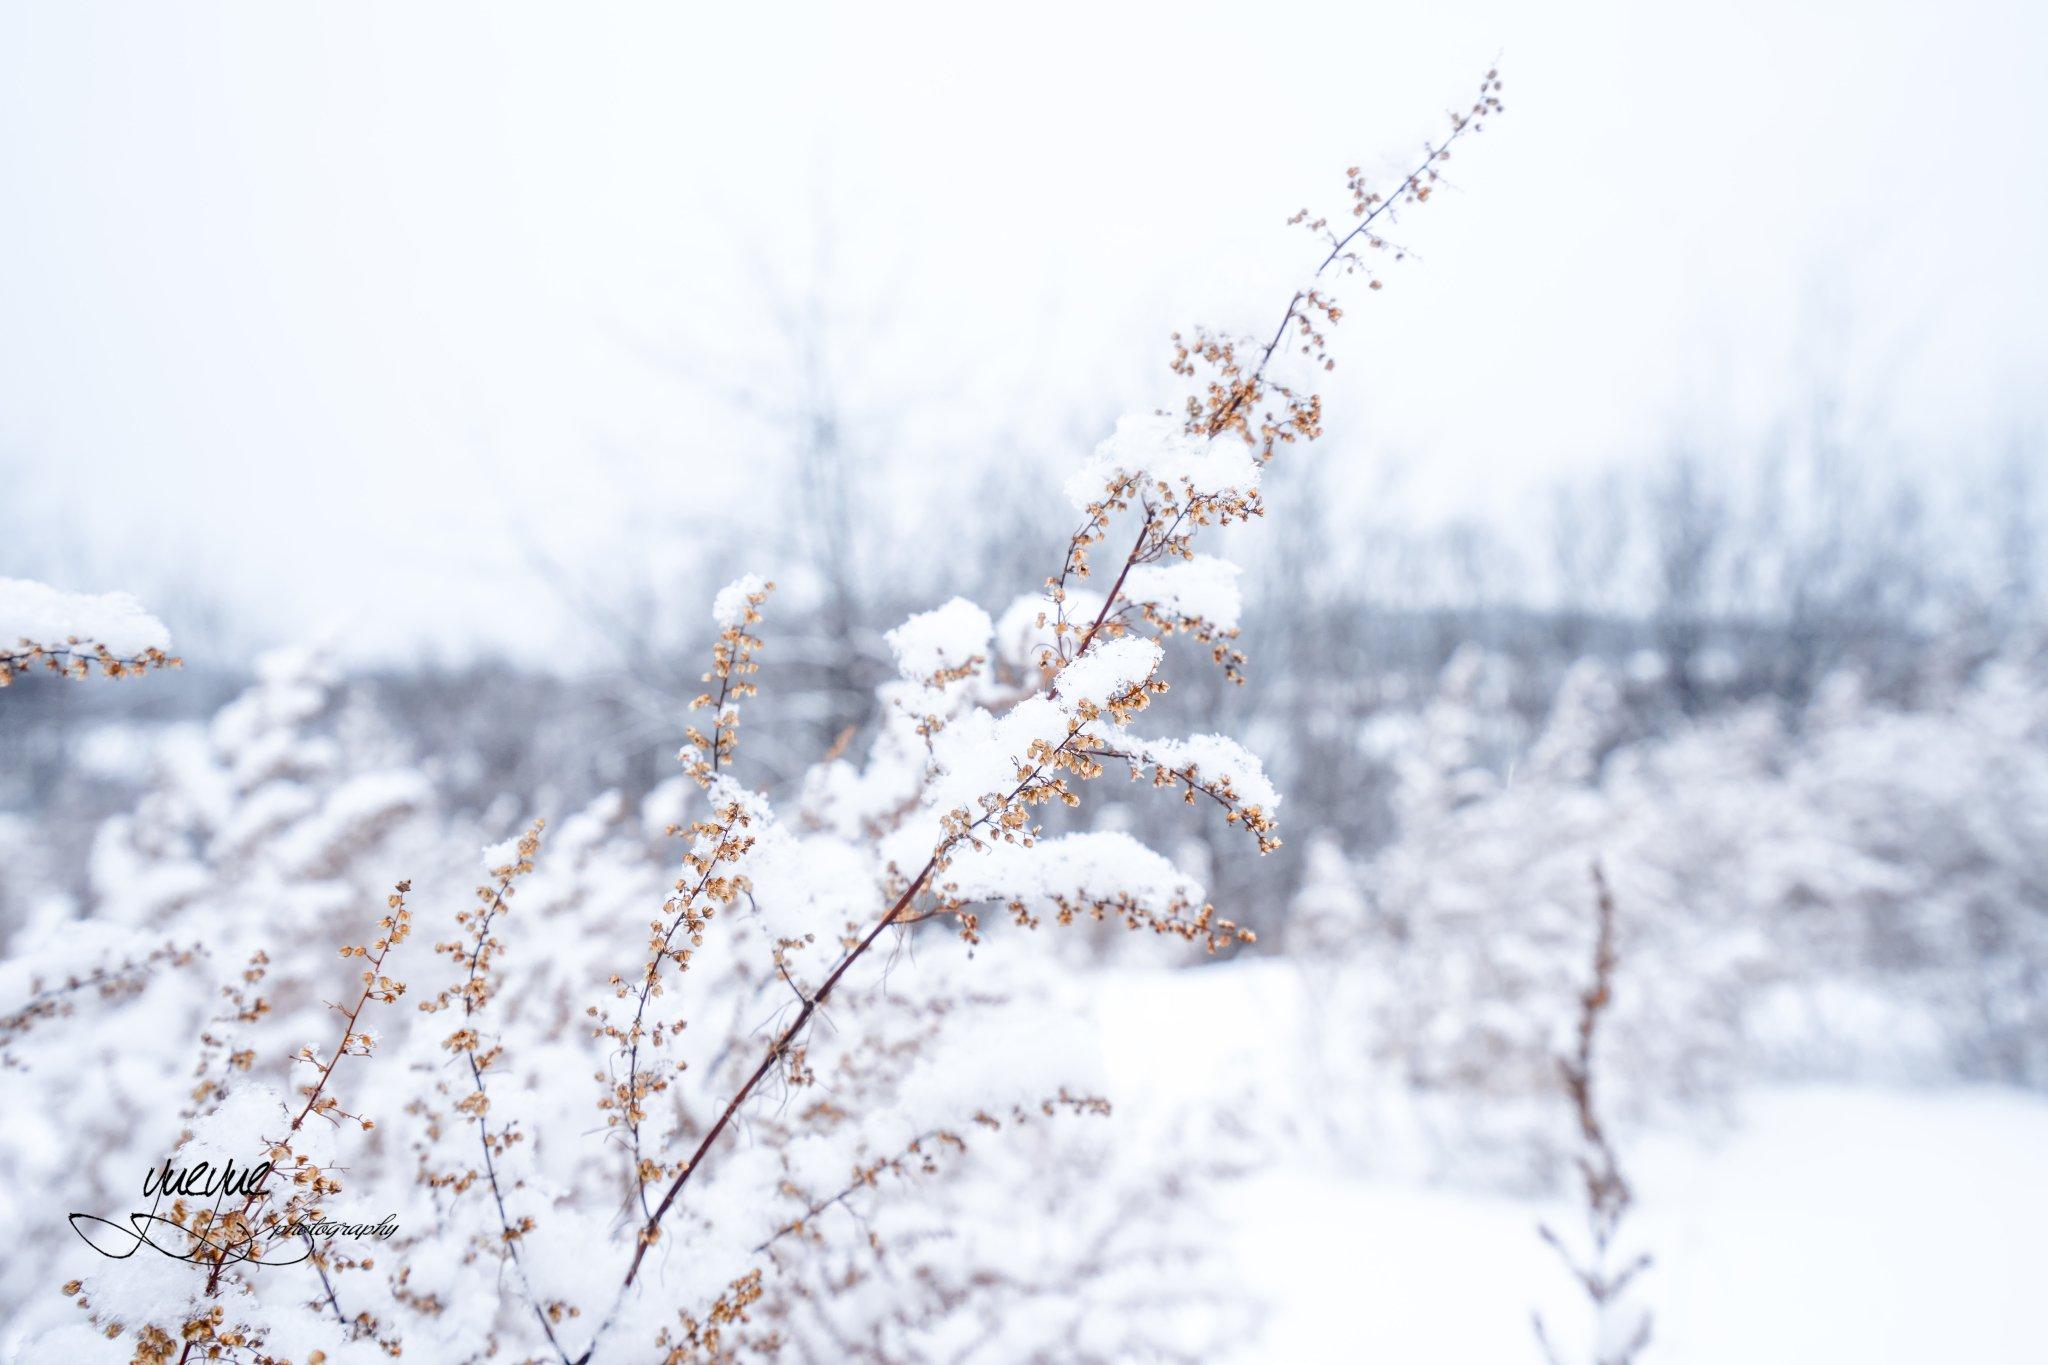 2019哈尔滨攻略馆拉普兰天山村游玩攻略,光哥北极派极地图片